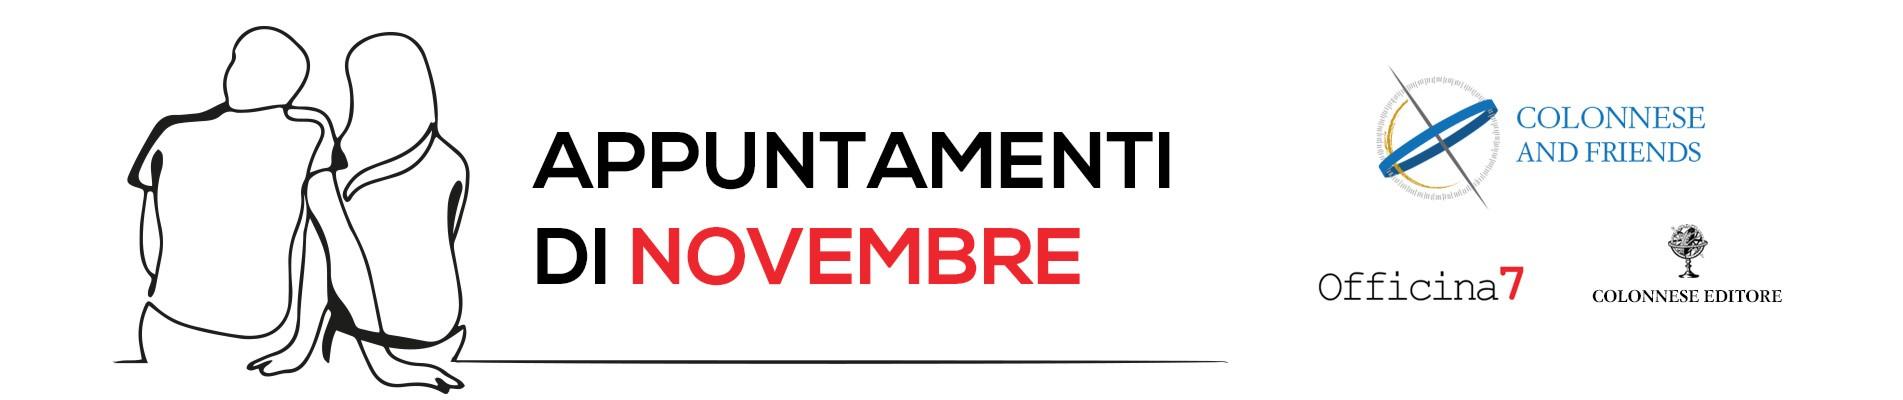 Appuntamenti di Novembre